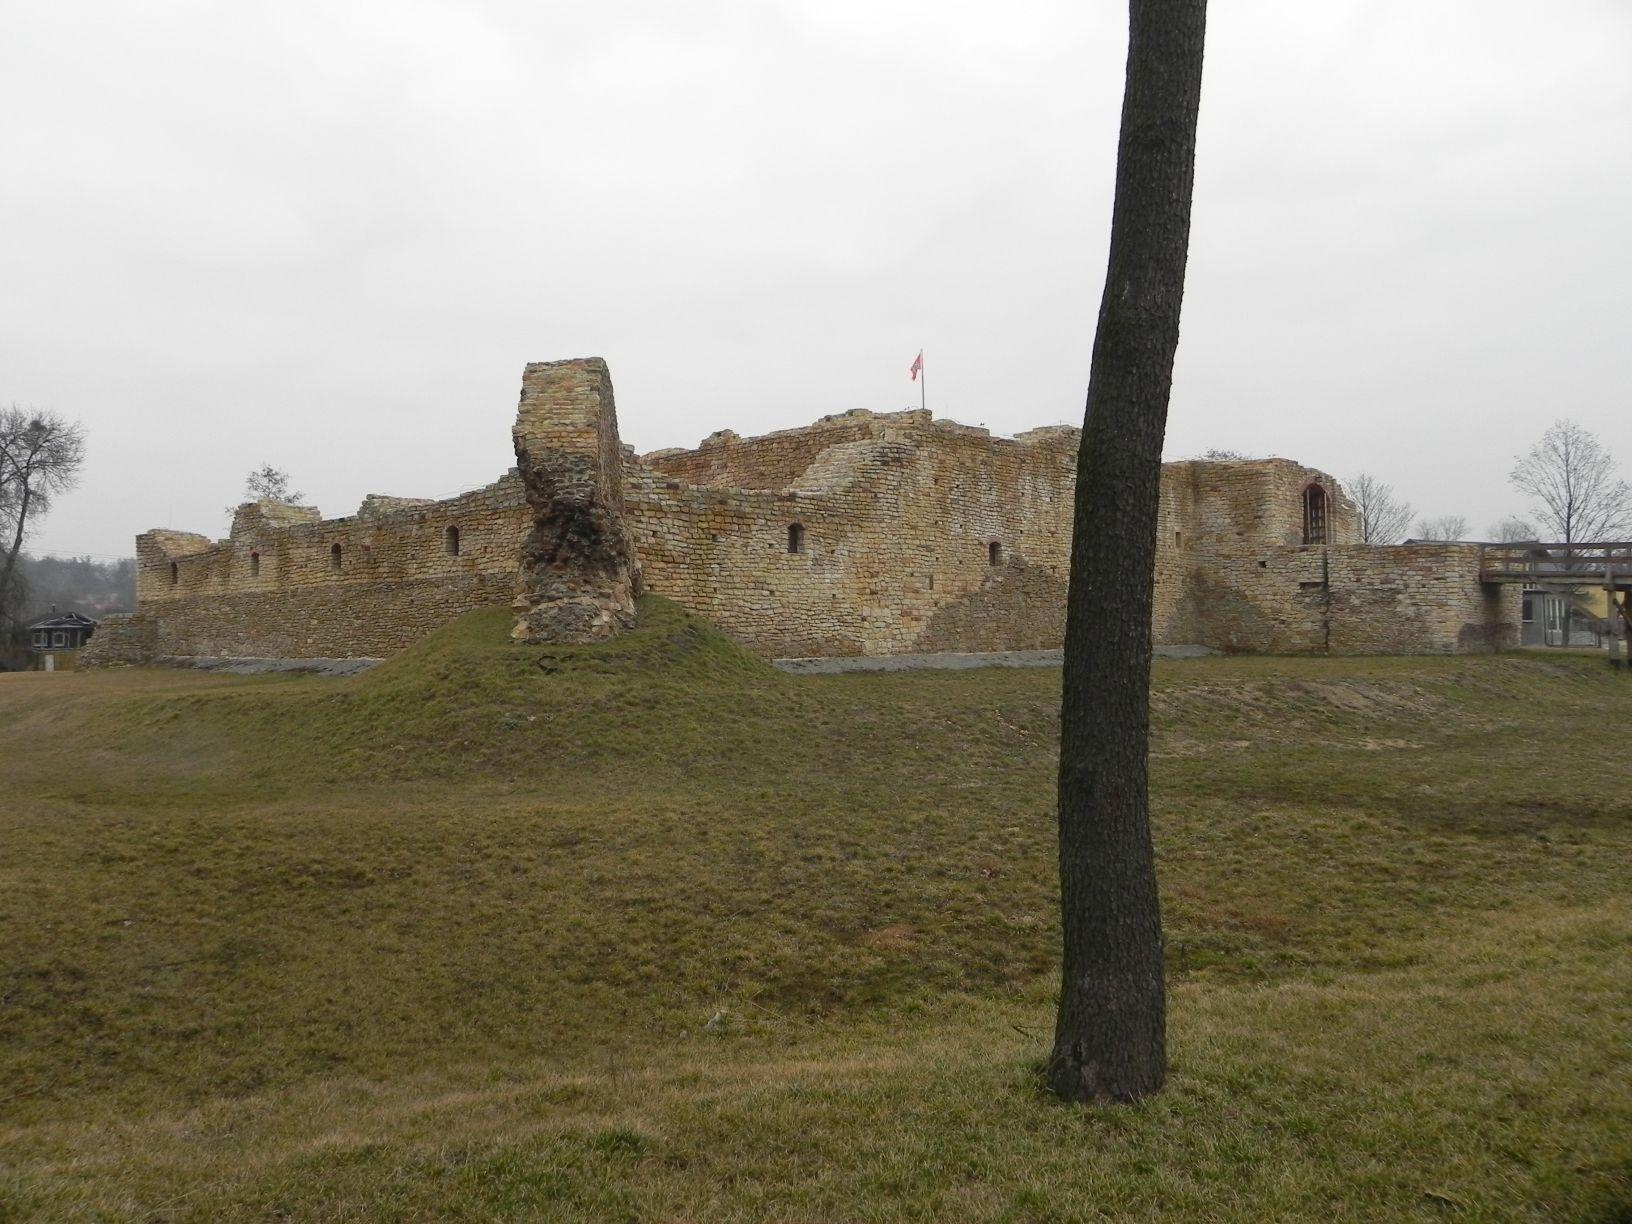 2014-01-05 Inowłódz - Ruiny zamku (17)